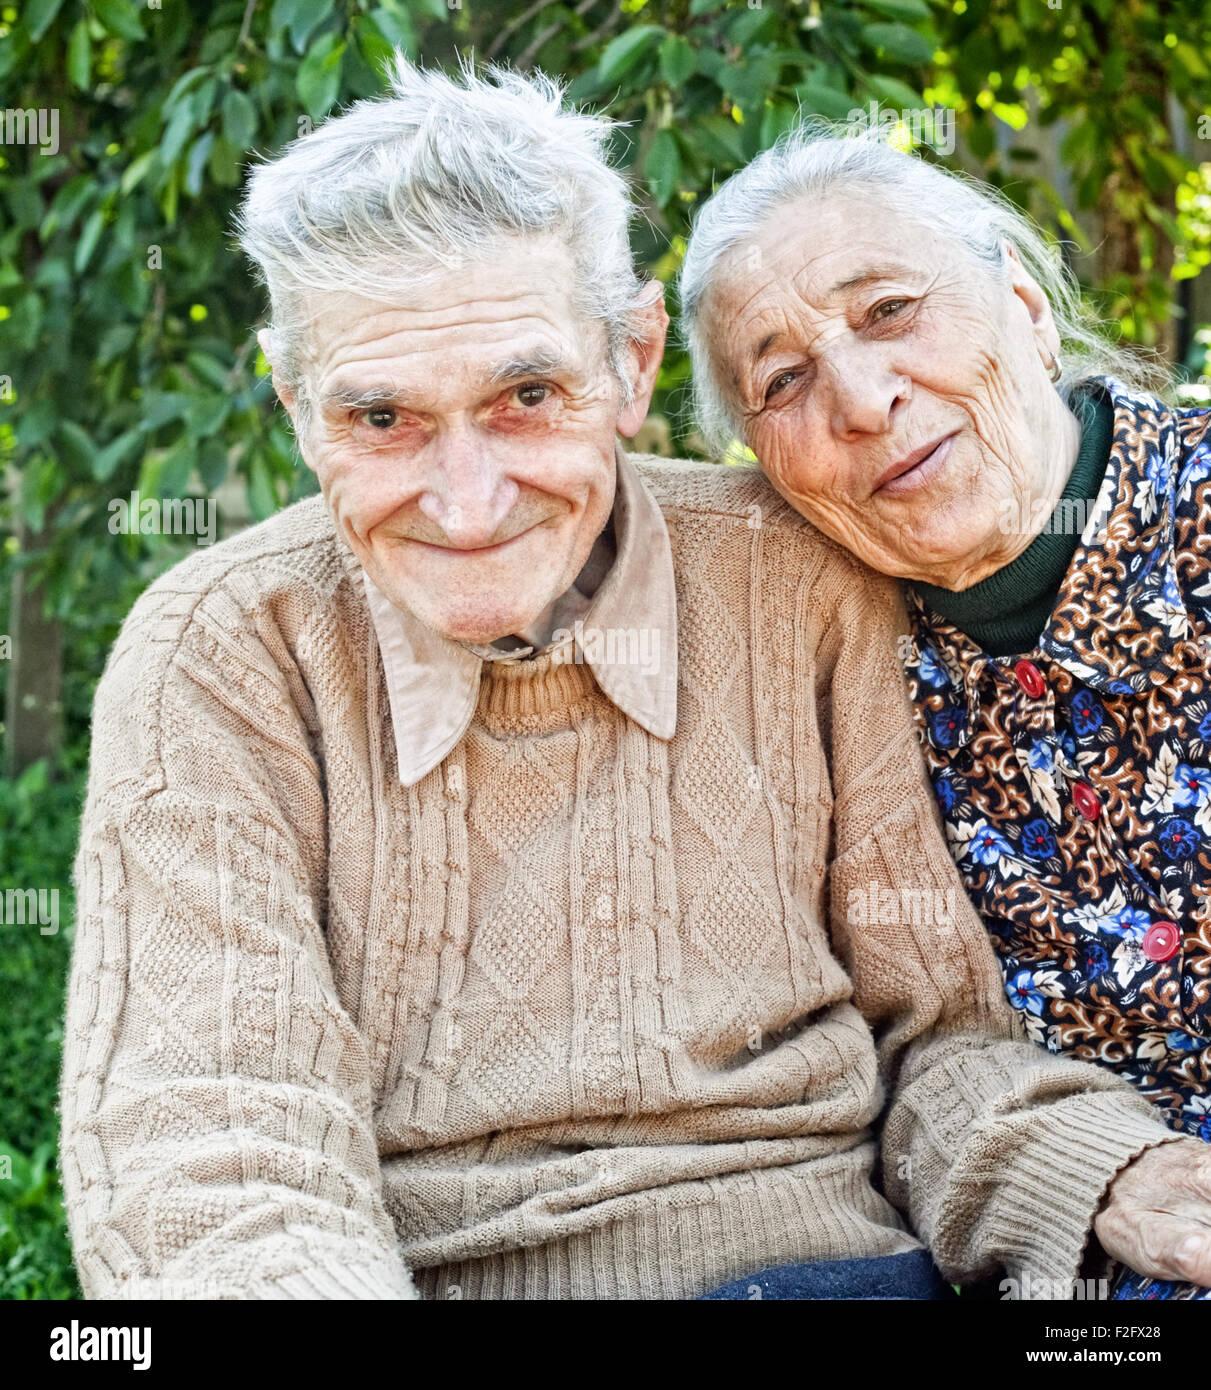 Glücklich und fröhlich alte älteres Paar im freien Stockbild